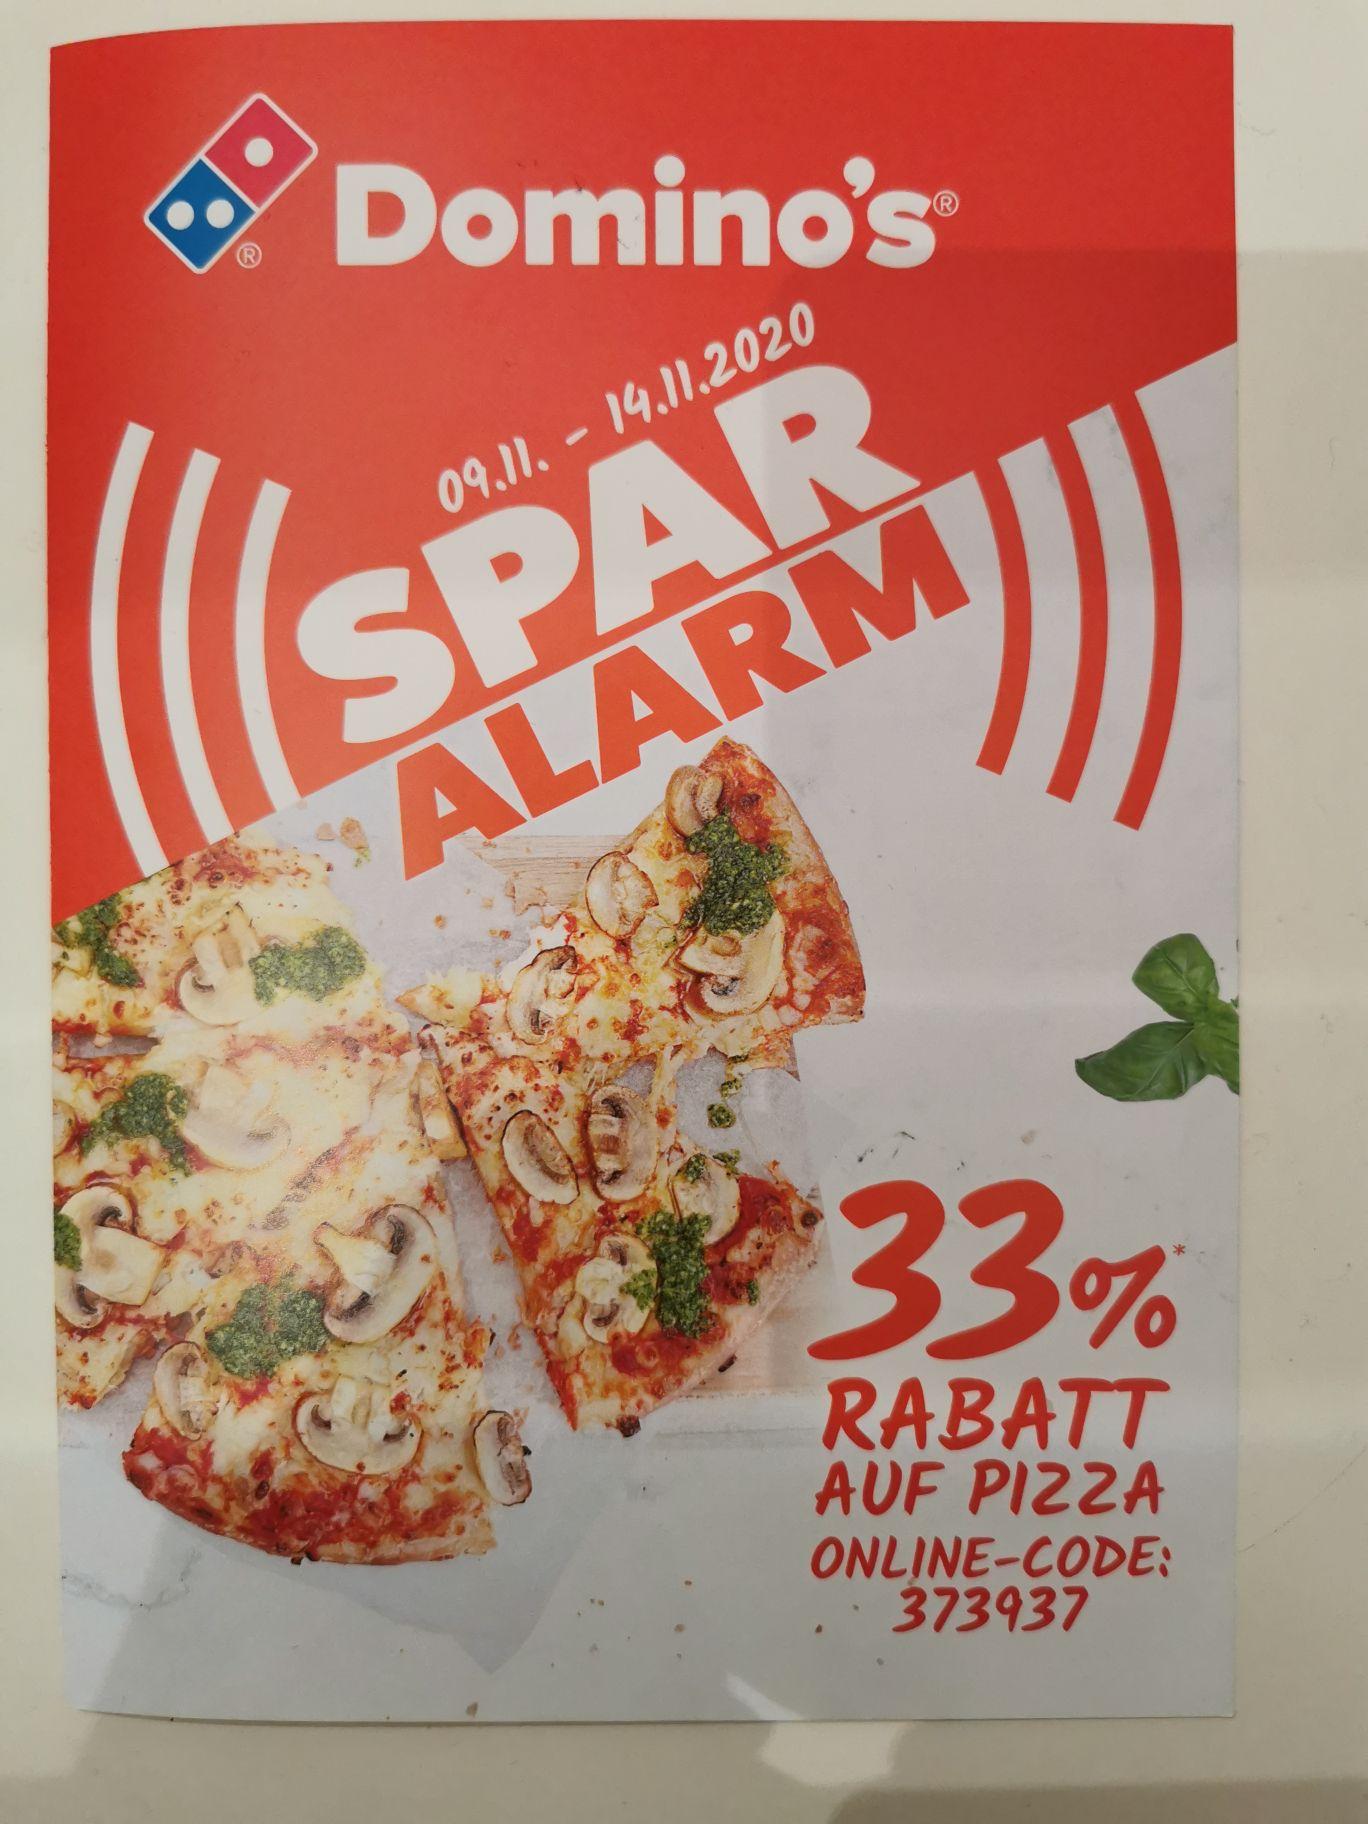 Domino's Pizza 33% Spar-Alarm